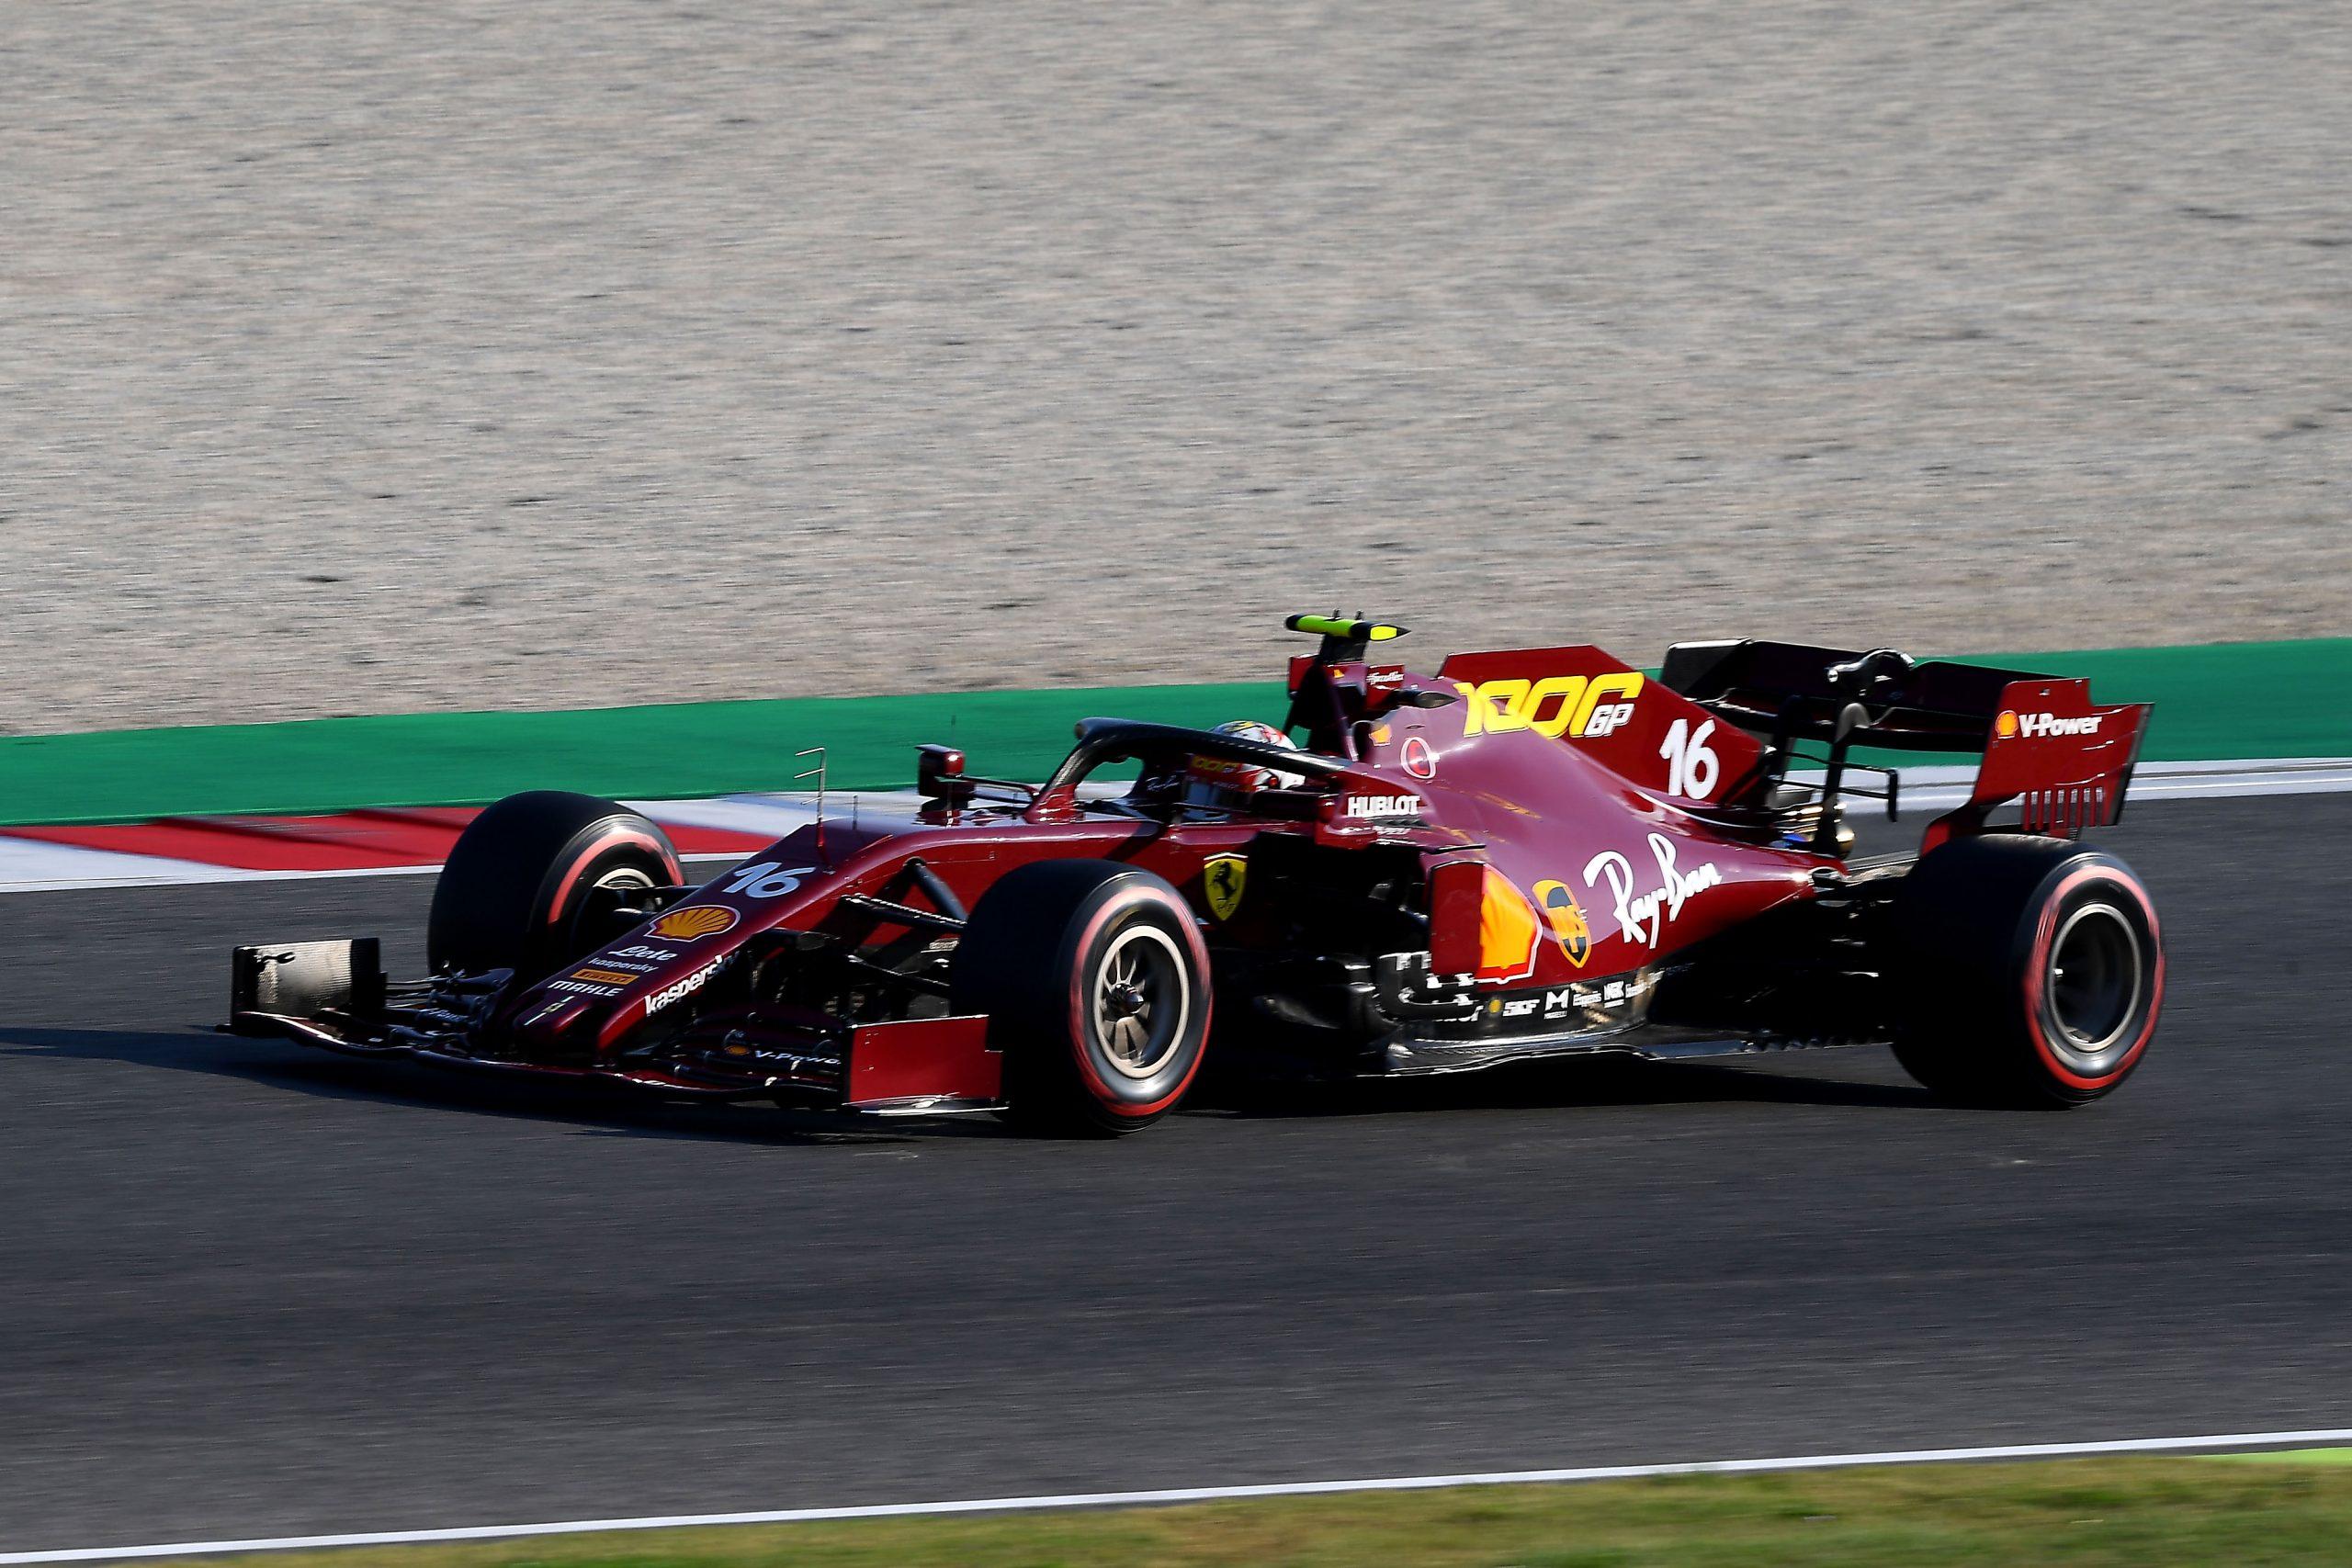 Sainz 2021 Can Be Much Better For Ferrari